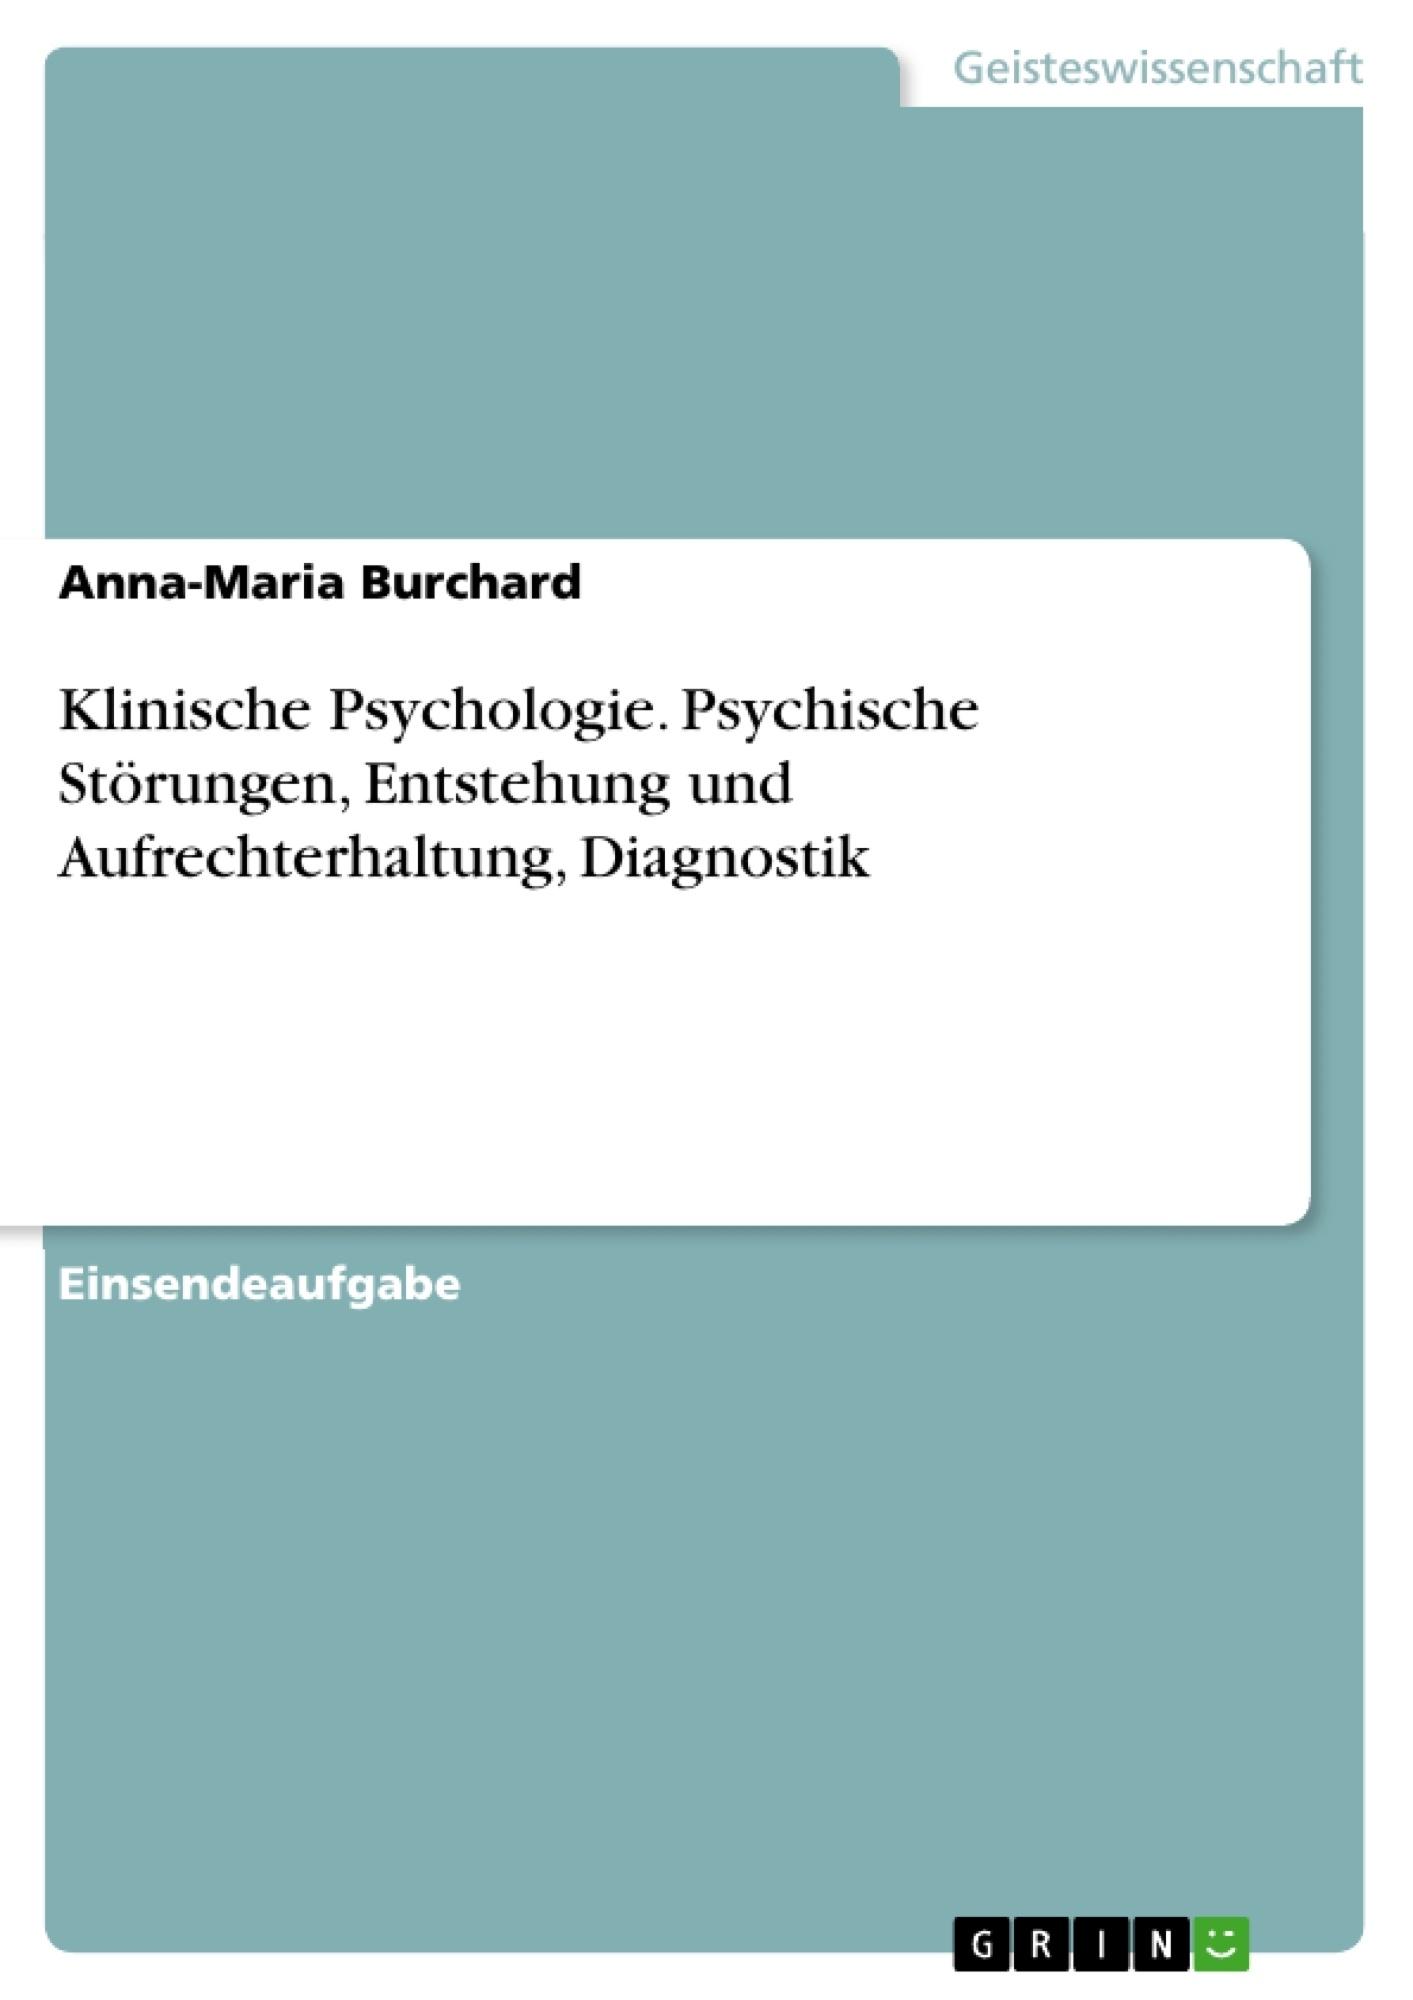 Titel: Klinische Psychologie. Psychische Störungen, Entstehung und Aufrechterhaltung, Diagnostik